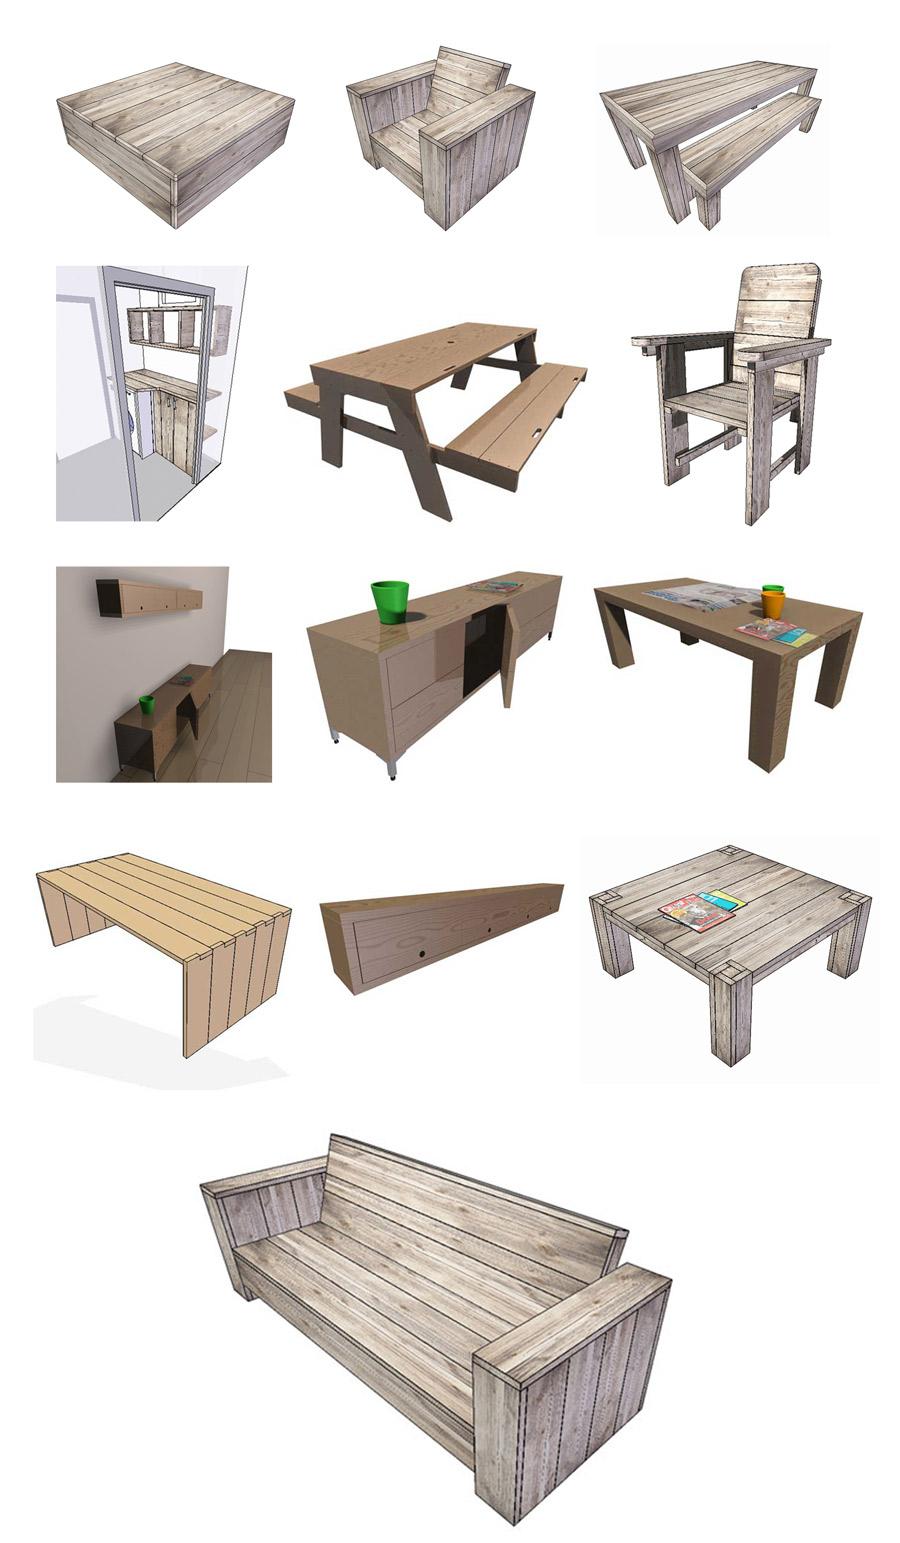 Uw idee in 3D, samen ontwerpen! - Huis&Tuinmeubelen.be